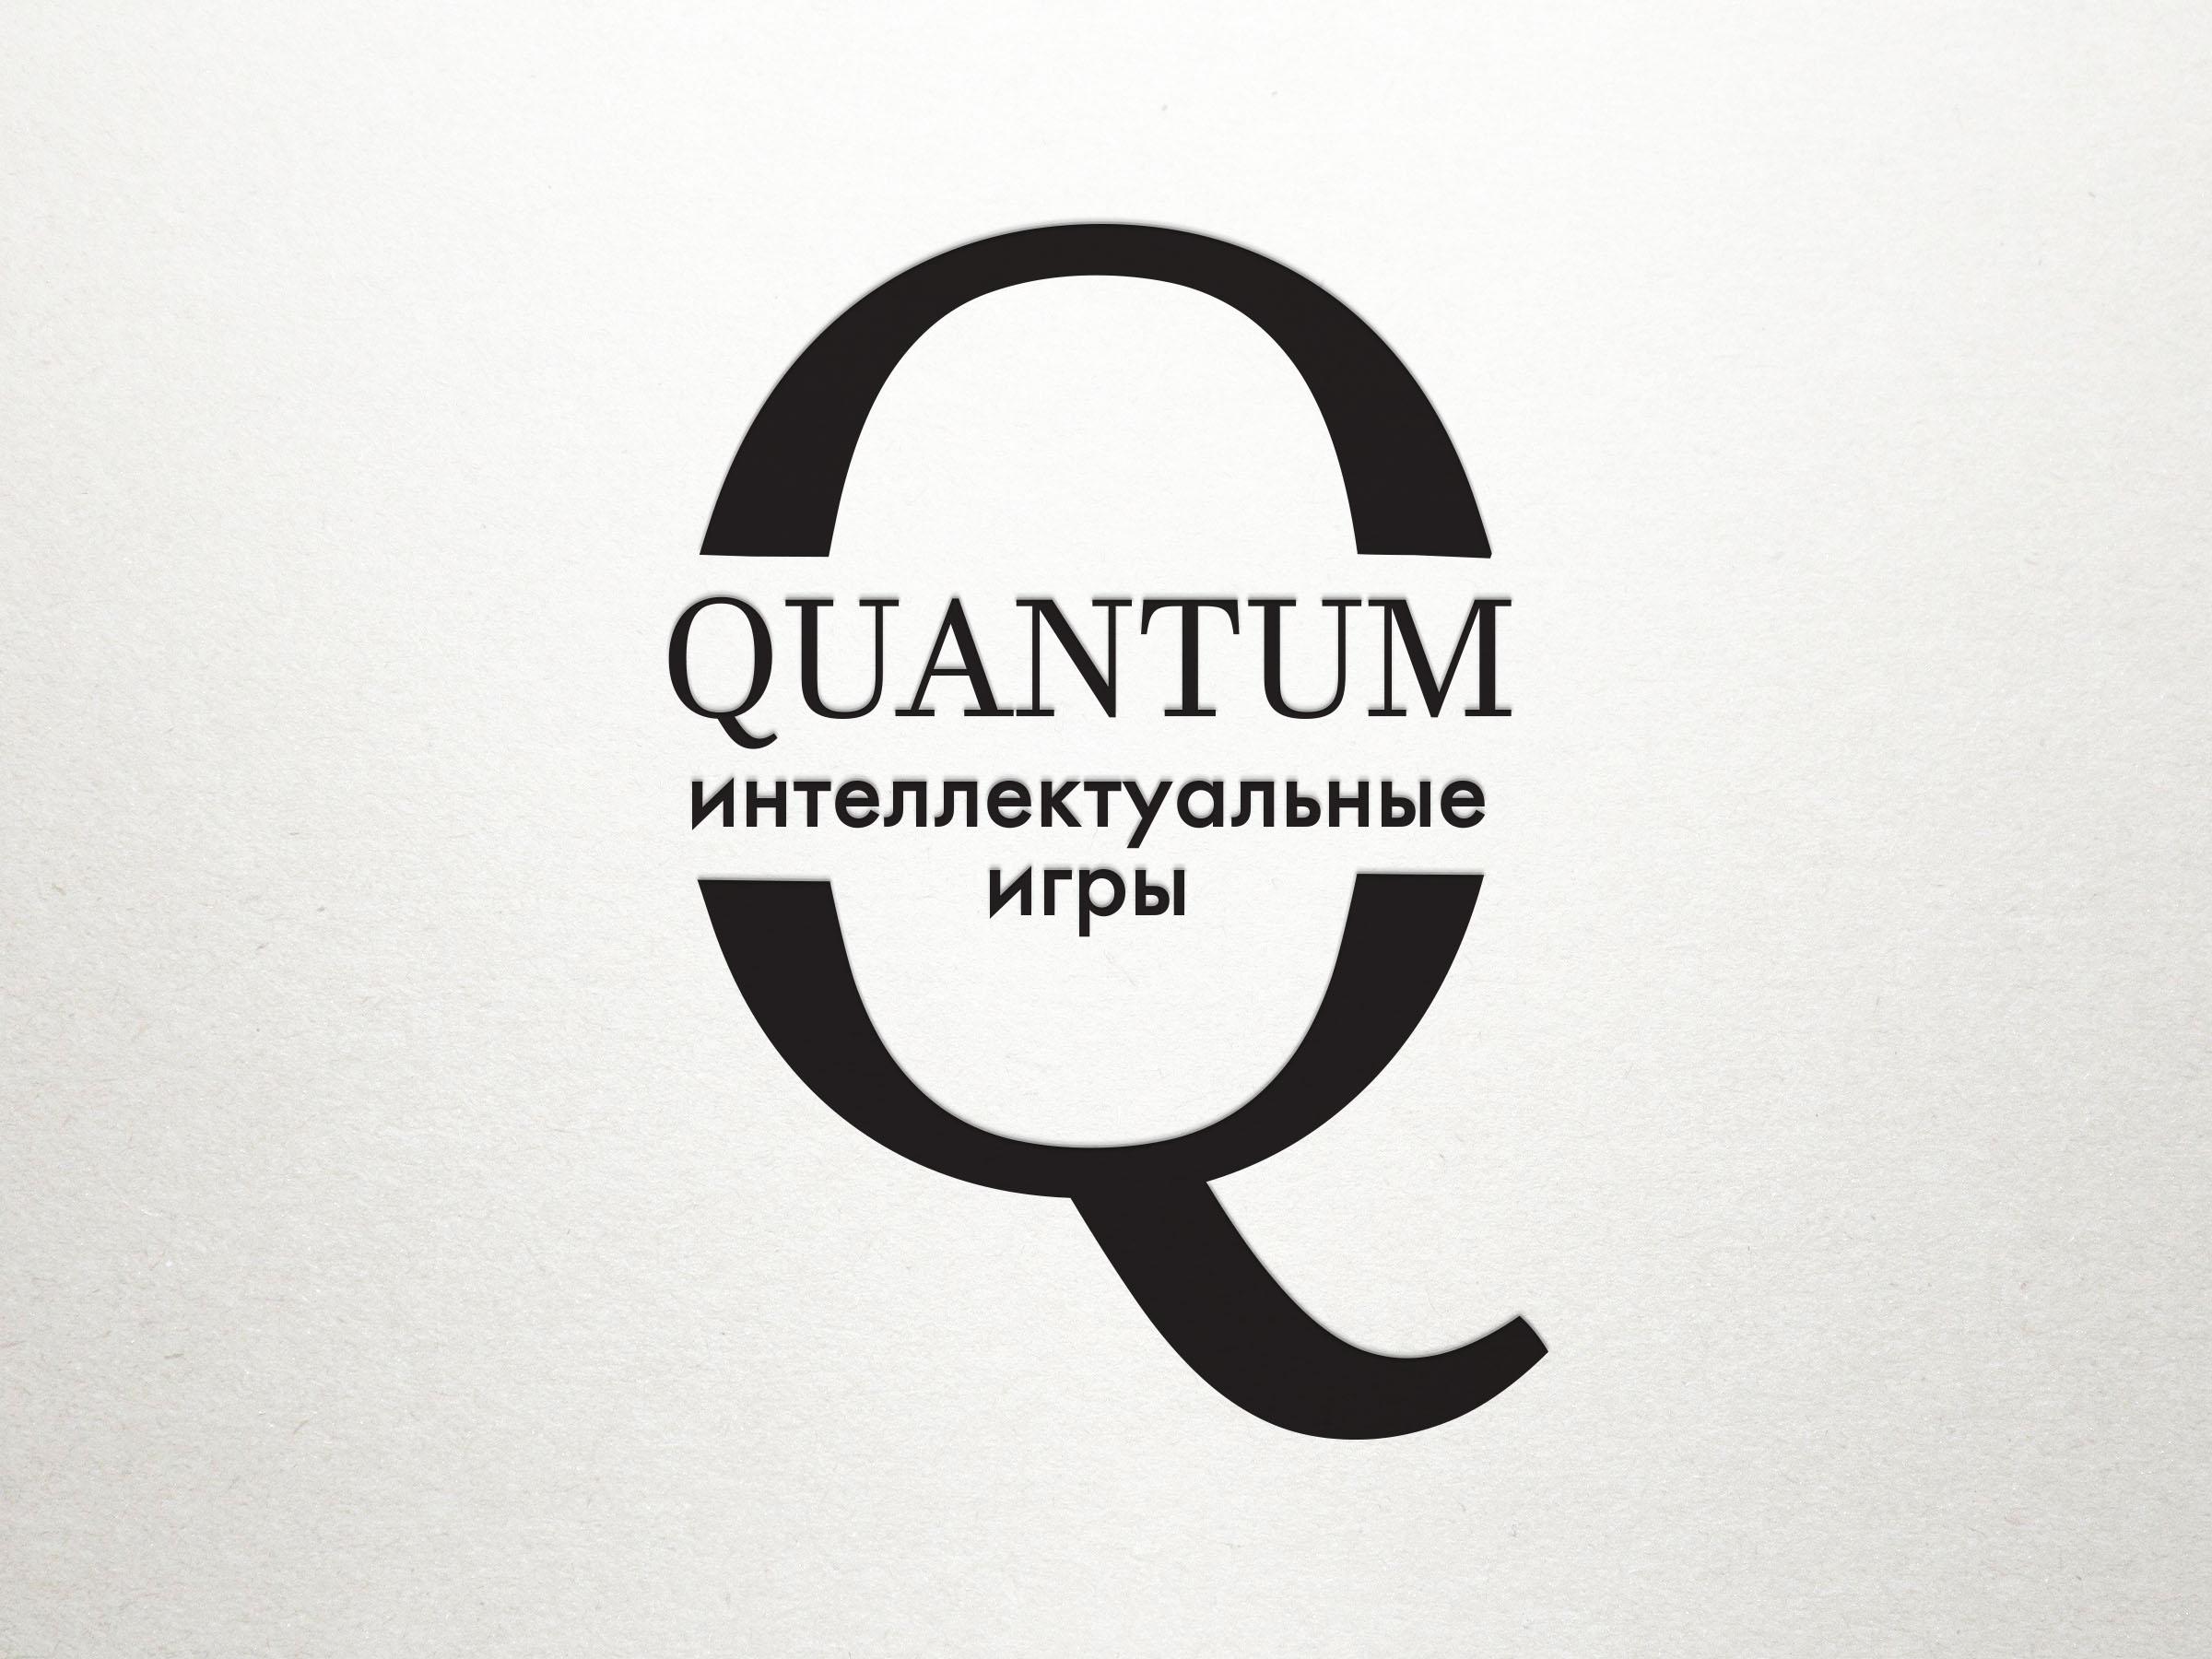 Редизайн логотипа бренда интеллектуальной игры фото f_0485bc498c96050a.jpg